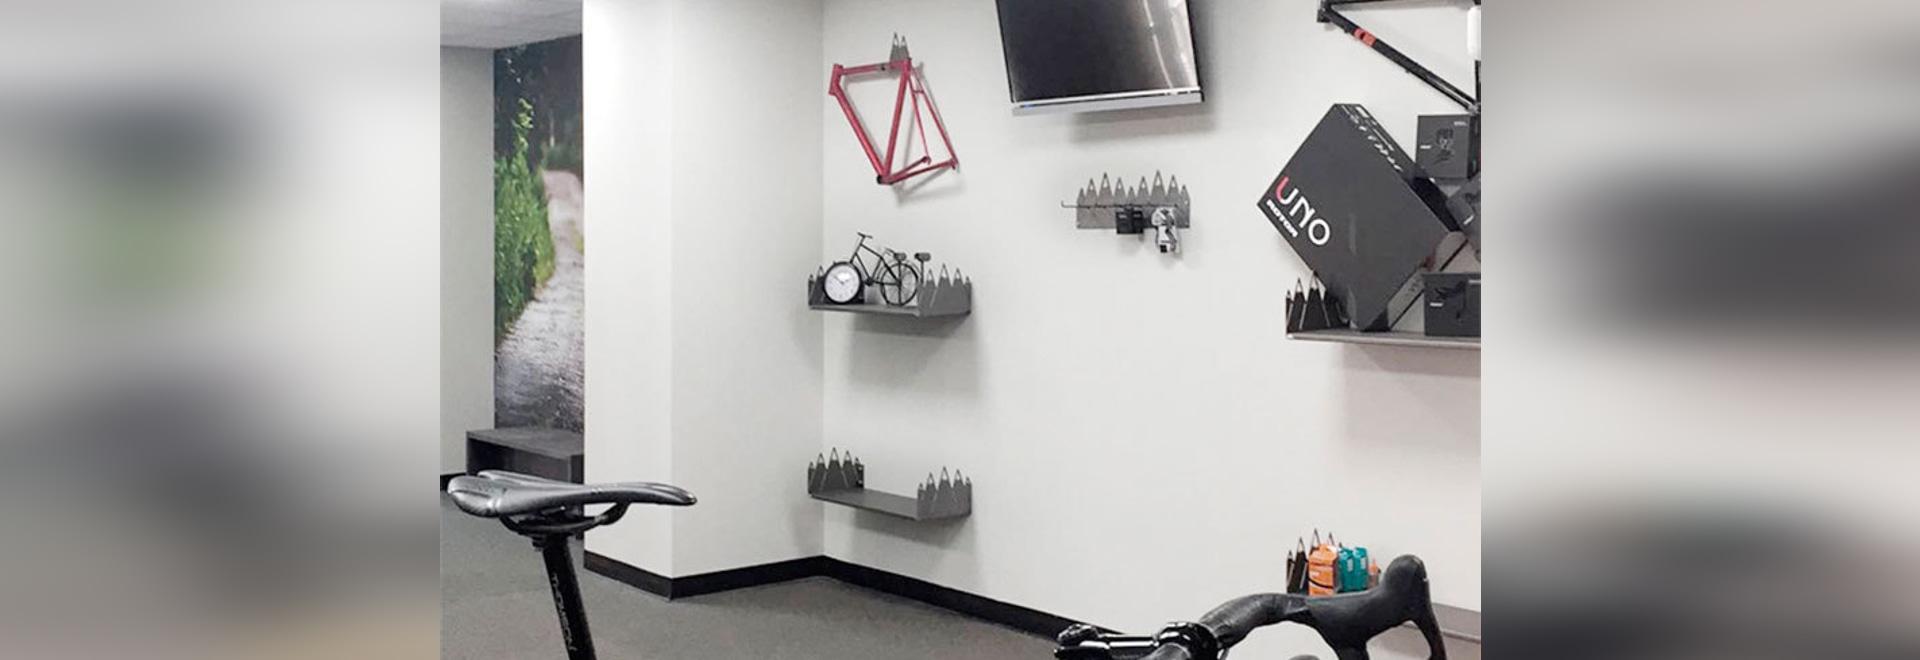 Mobiliario Para Tienda De Bicicletas Barcelona Spain Ado Urban # Muebles Bicicleta